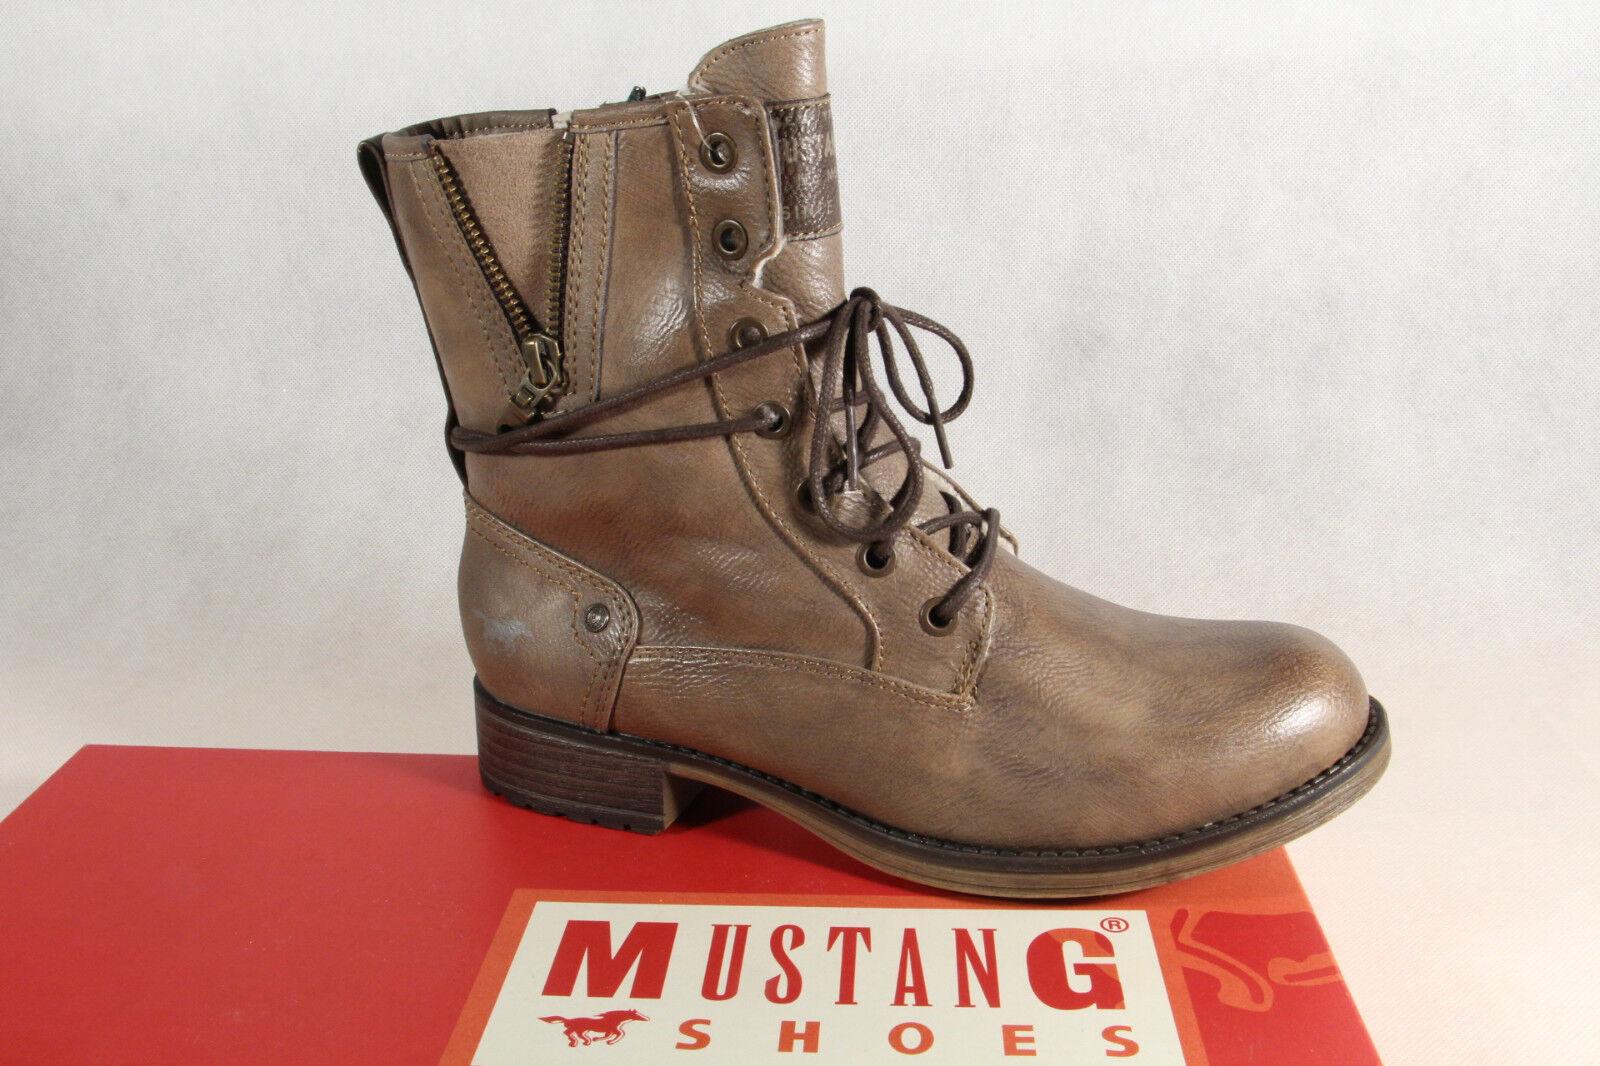 Mustang Stiefel Stiefeletten Schnürstiefel Stiefel natur 1139 1139 1139 NEU  40fab5